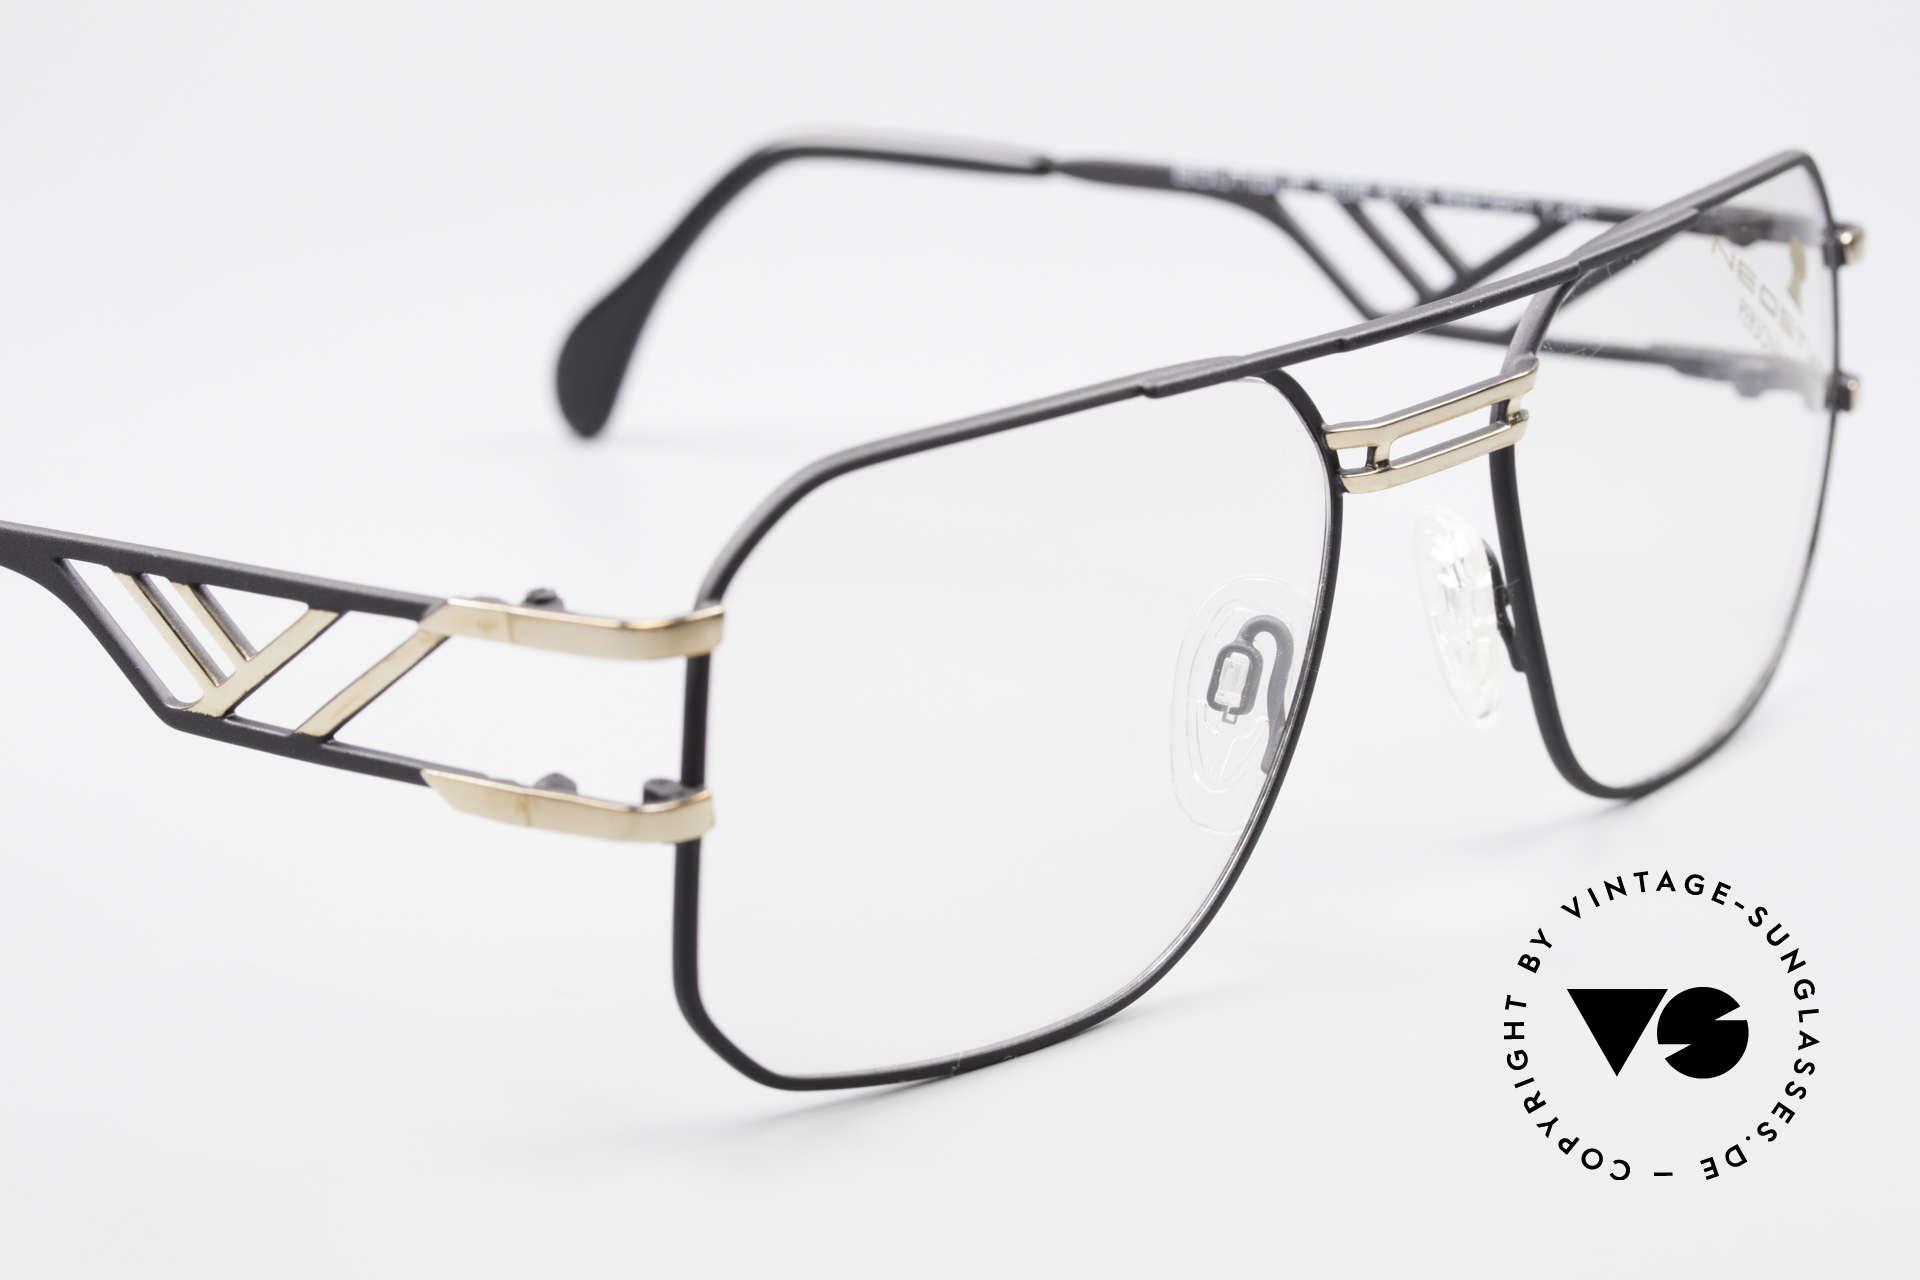 Neostyle Boutique 306 Champion Vintage Brille 80er, KEINE Retrobrille, sondern ein 80er Original, Passend für Herren